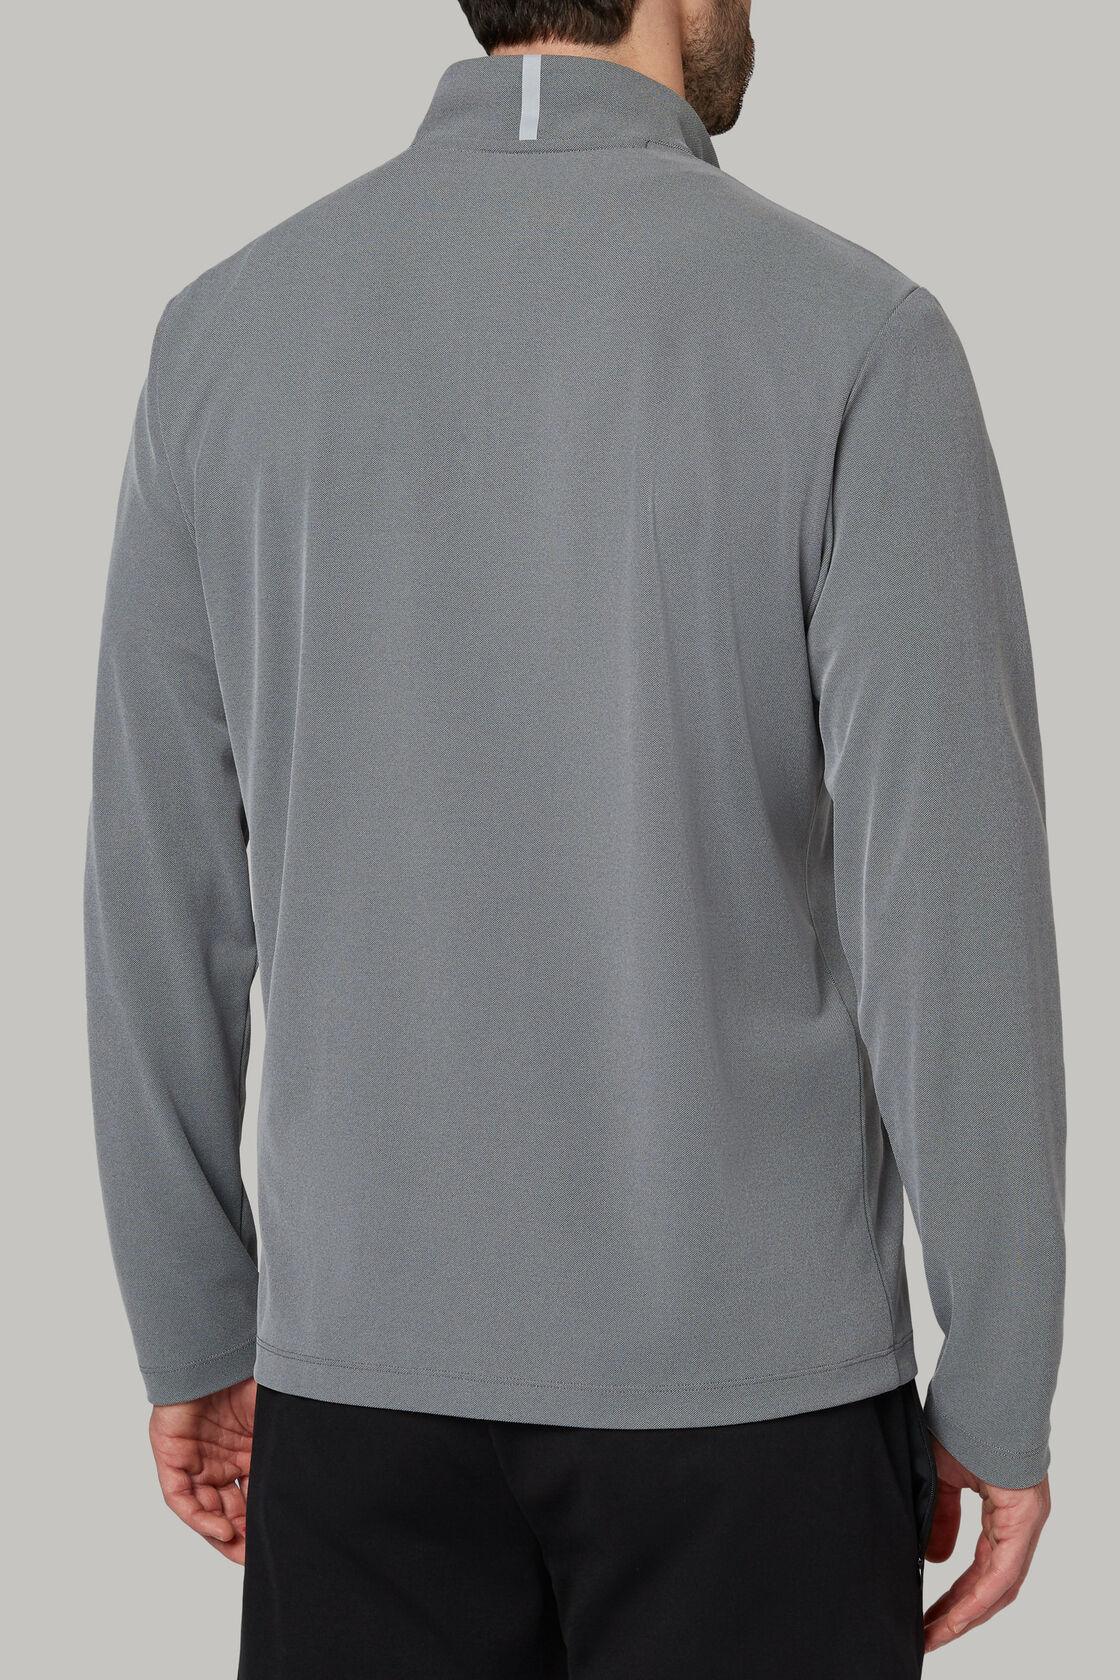 Sweatshirt mit halblangem reissverschluss aus technischem und hochwertigem piqué, Grau, hi-res